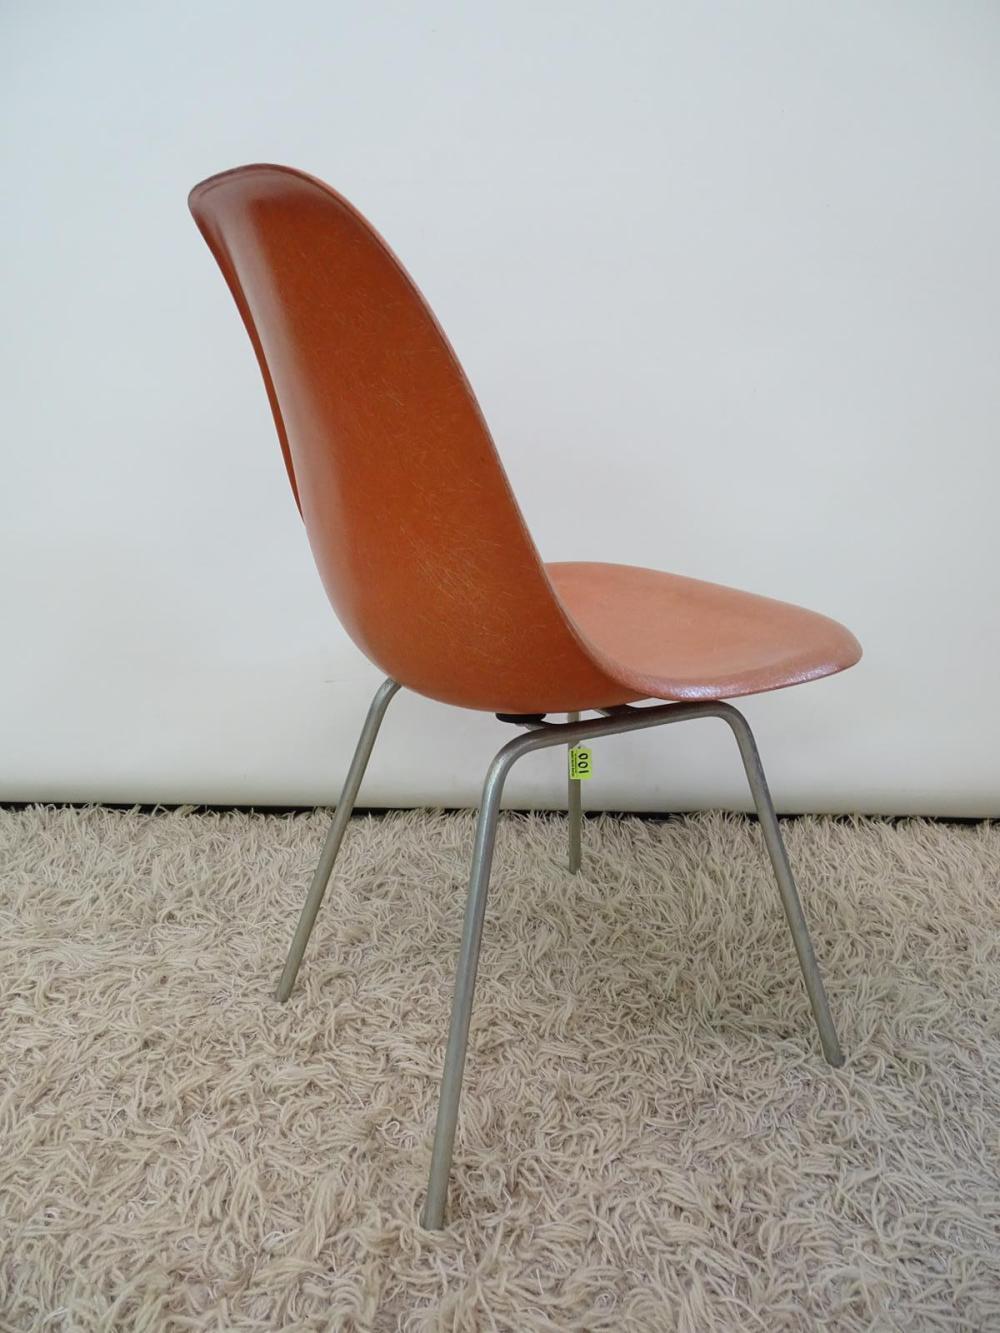 fiberglass shell chair roll up office mat original charles eames for herman miller lot 100